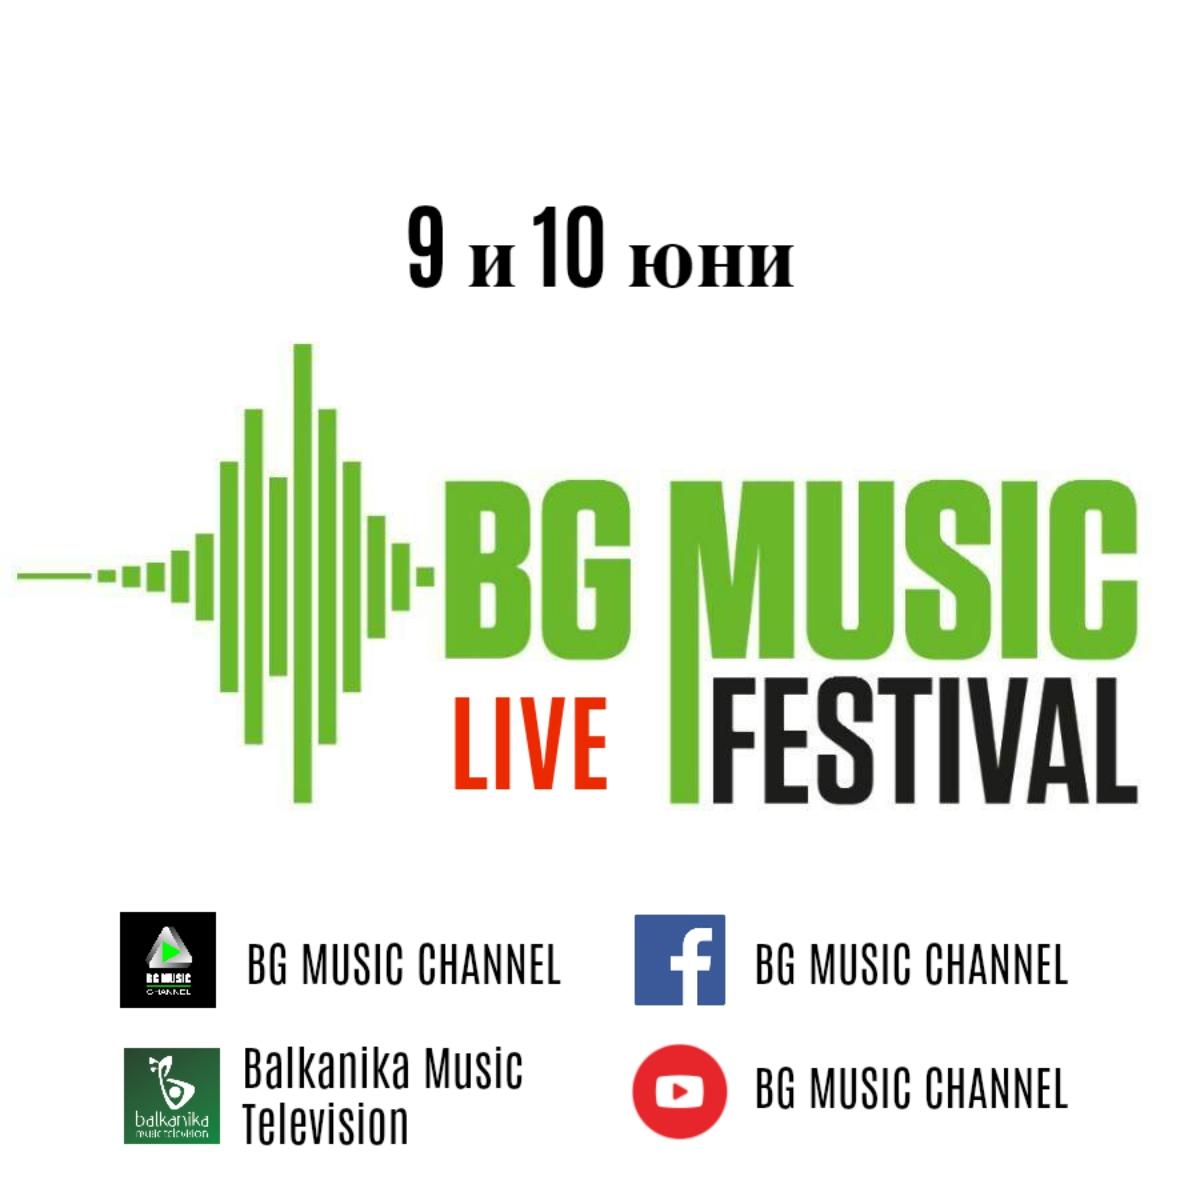 BGMF live